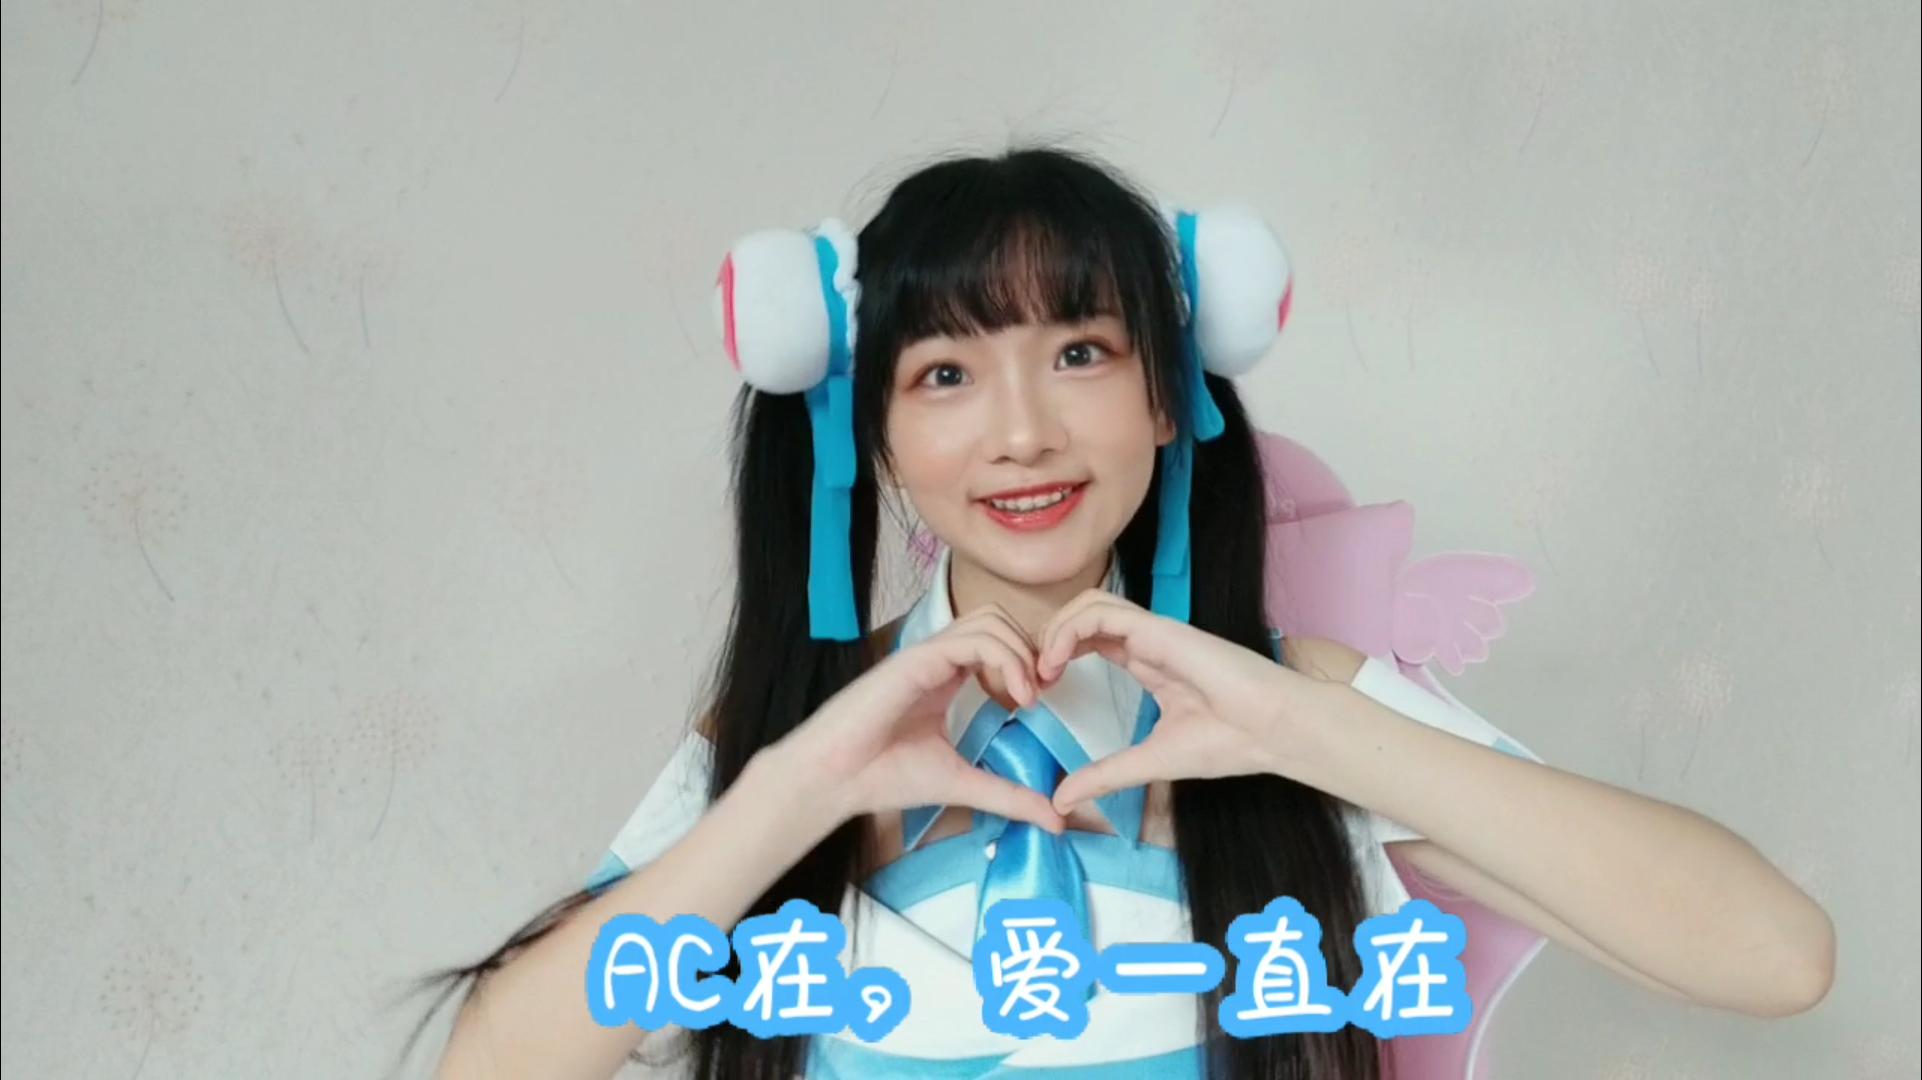 来自可心喵的AcFun13周年庆祝福~